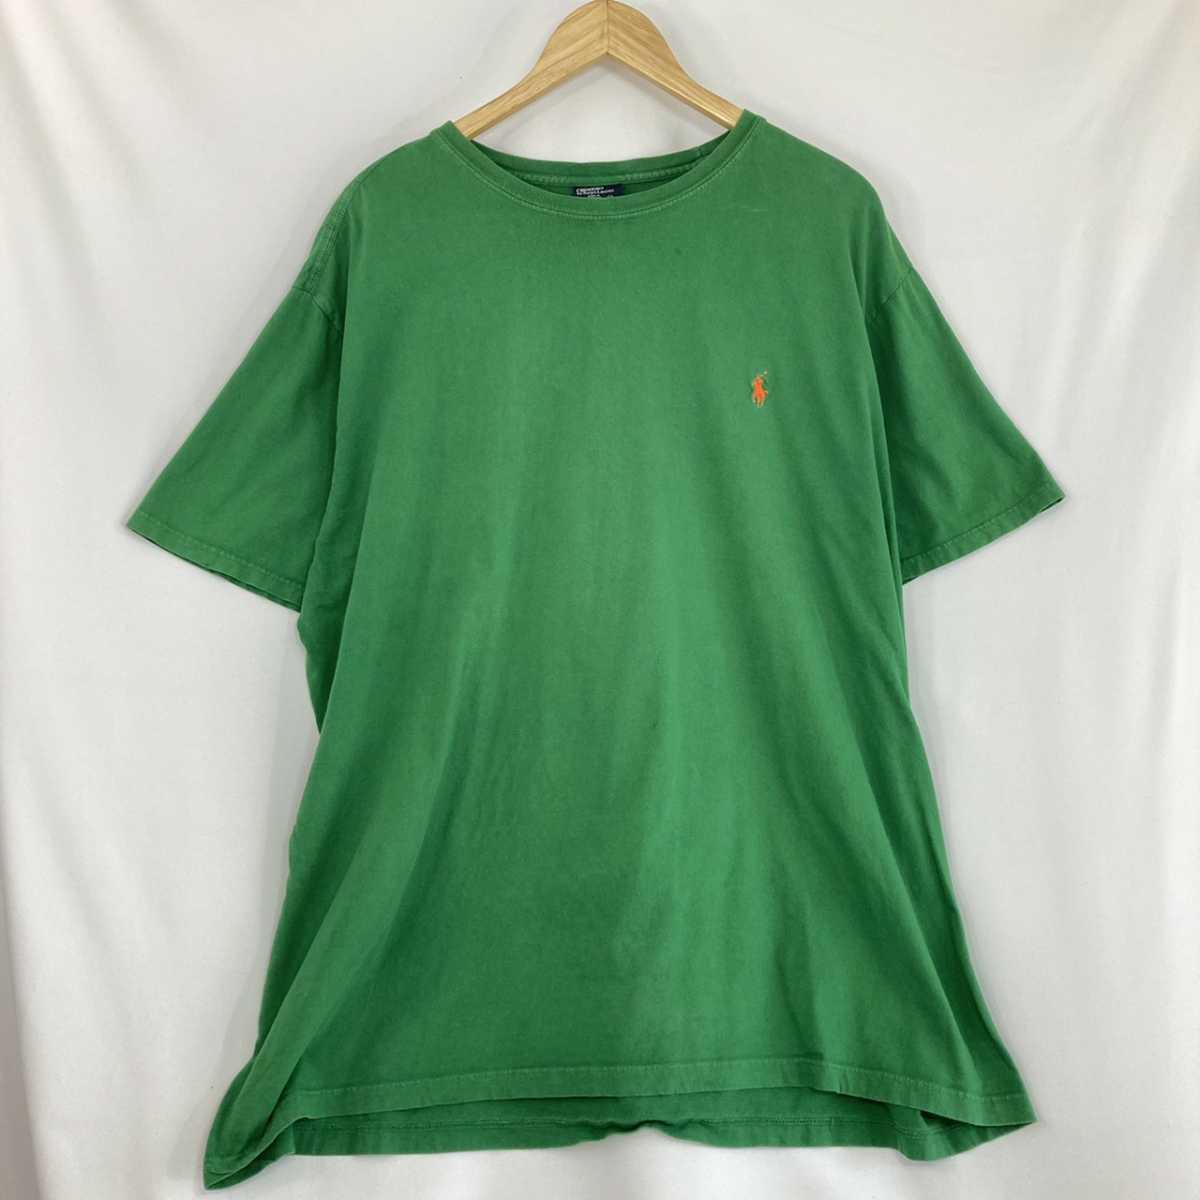 【人気カラー】ラルフローレン Tシャツ 刺繍ロゴ 緑 グリーン 古着 XXL_画像2